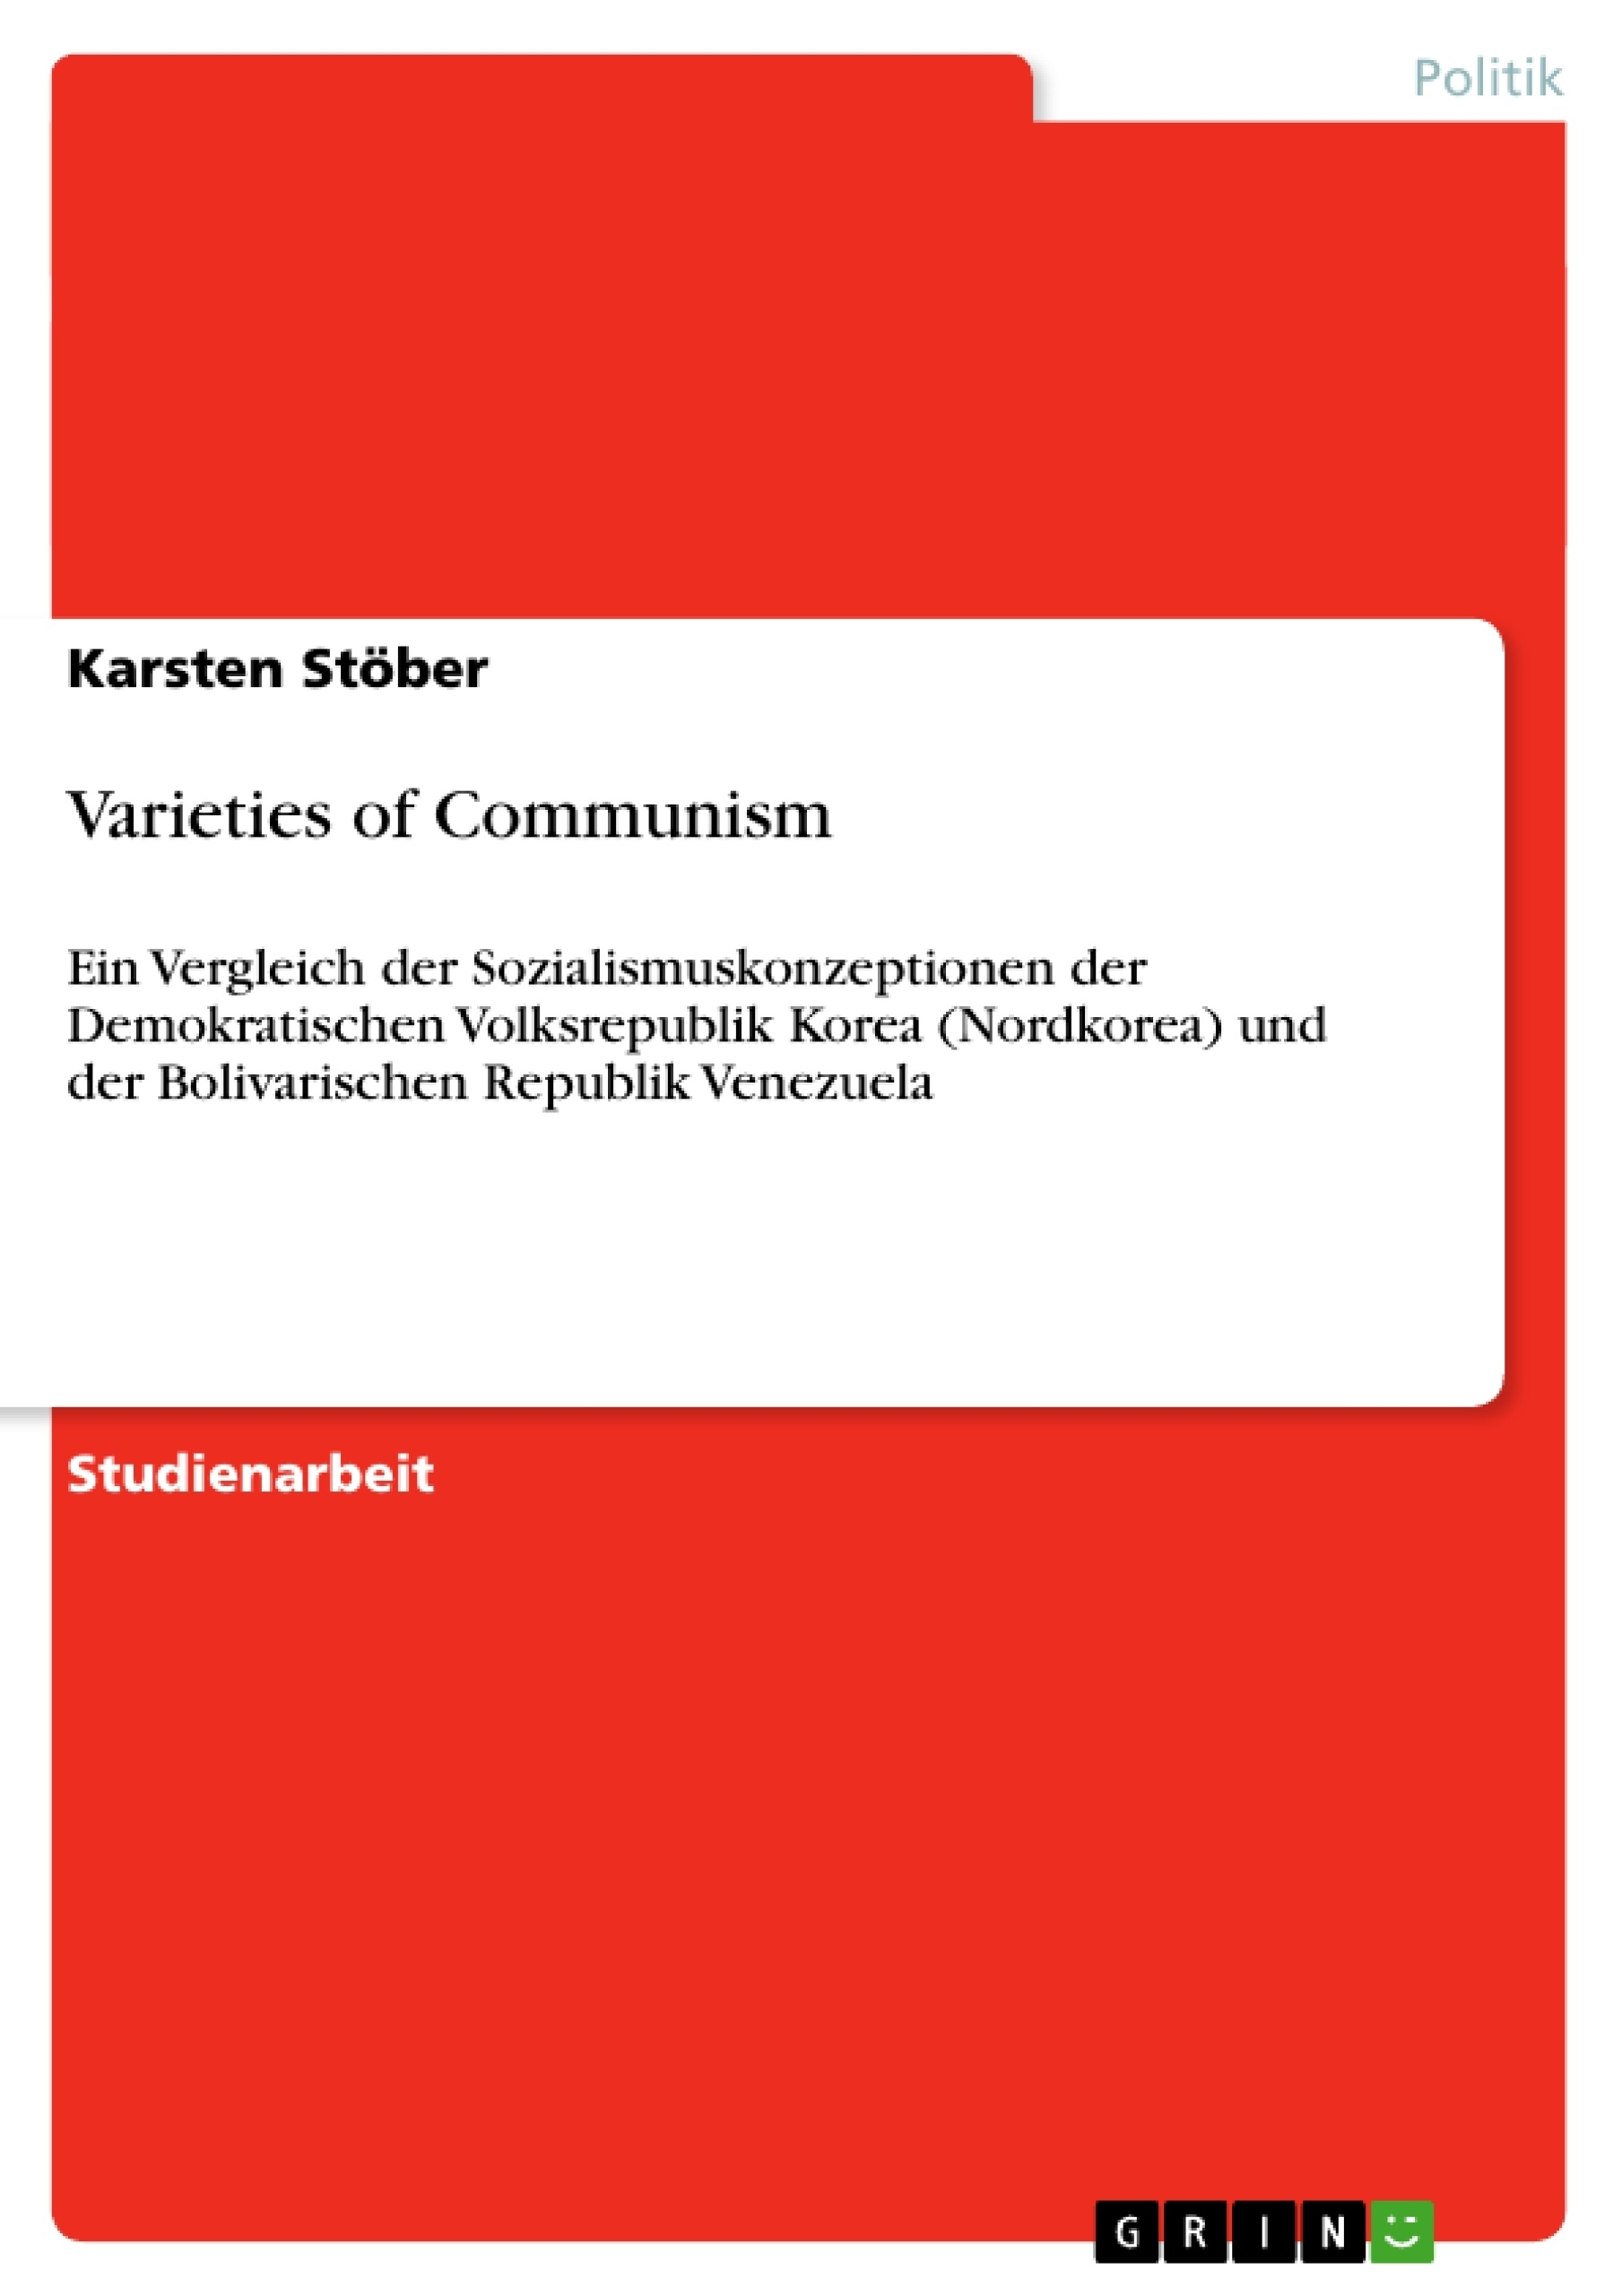 Titel: Varieties of Communism